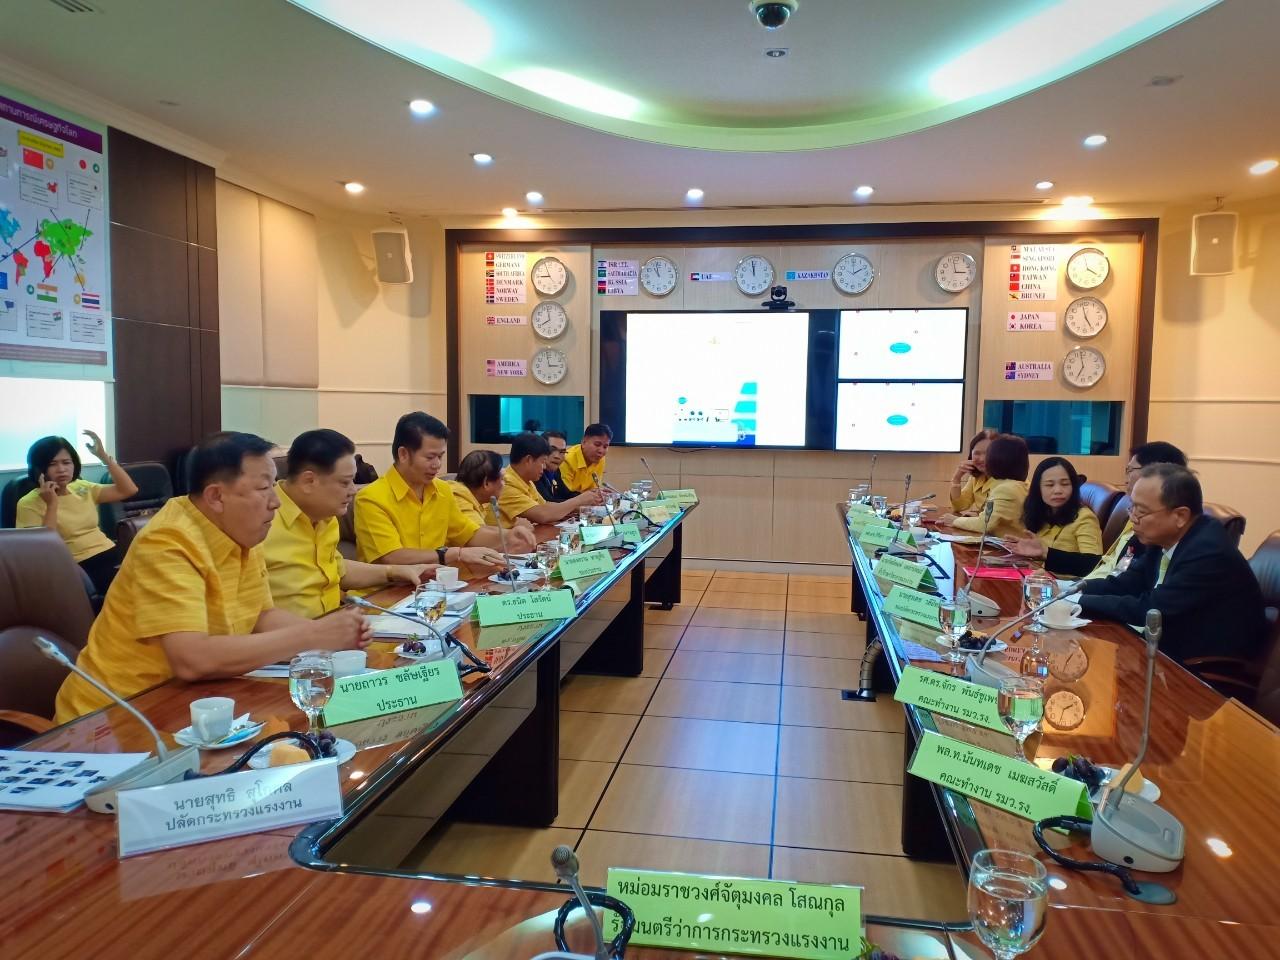 รมว.แรงงาน ให้การต้อนรับคณะกรรมการสภาที่ปรึกษาเพื่อพัฒนาแรงงานแห่งชาติ ชุดที่ ๑๘